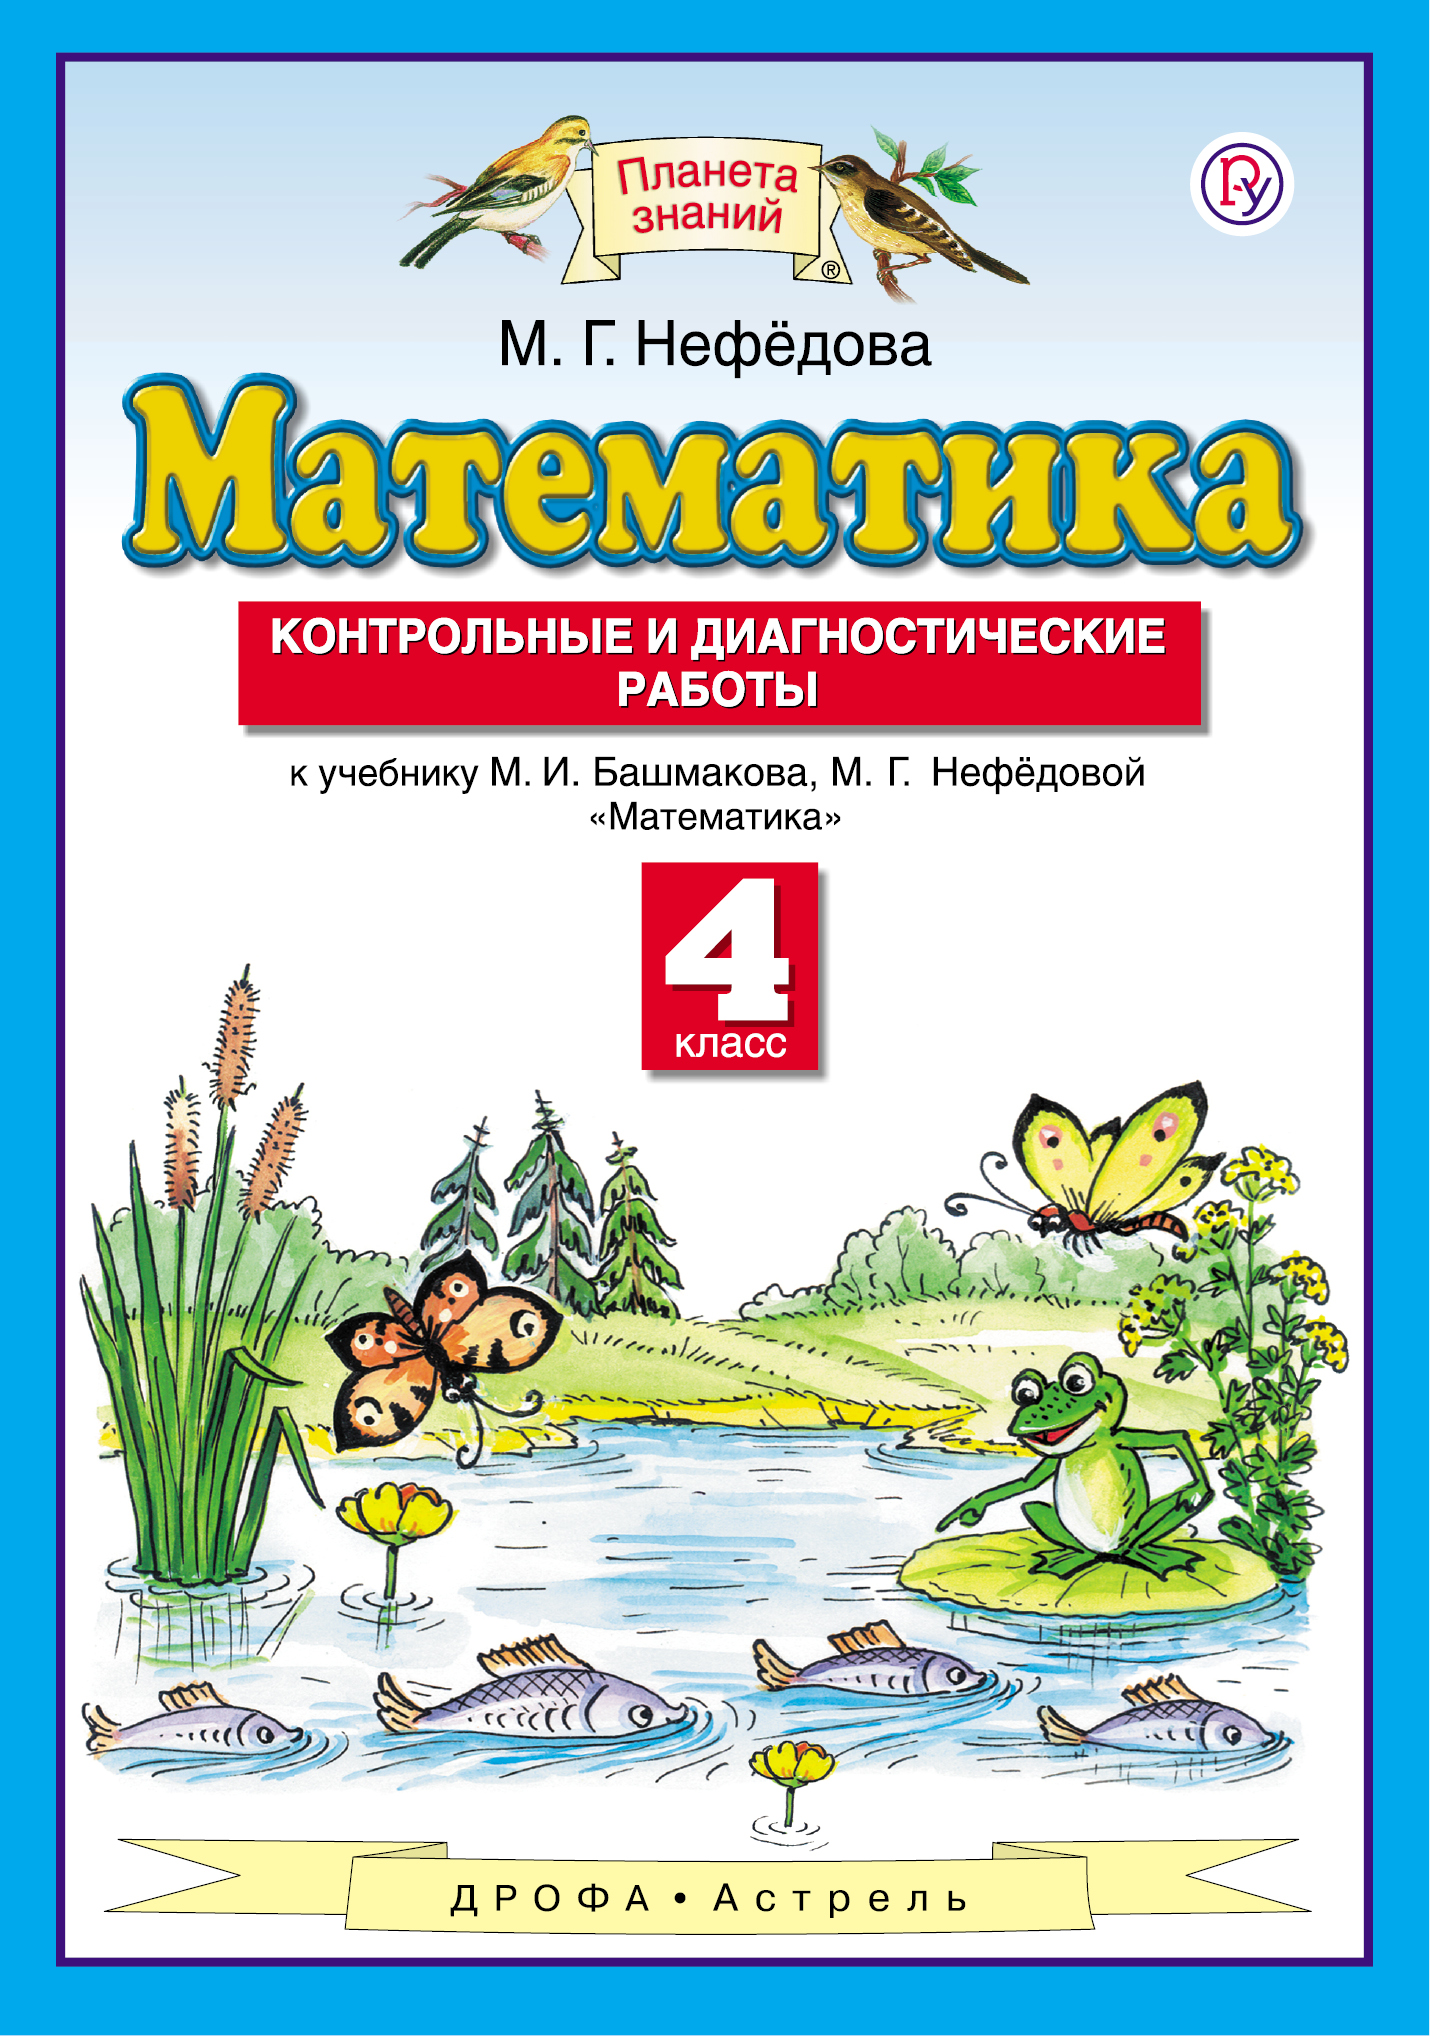 Нефедова М.Г. Математика. 4 класс. Контрольные и диагностические работы. цена и фото